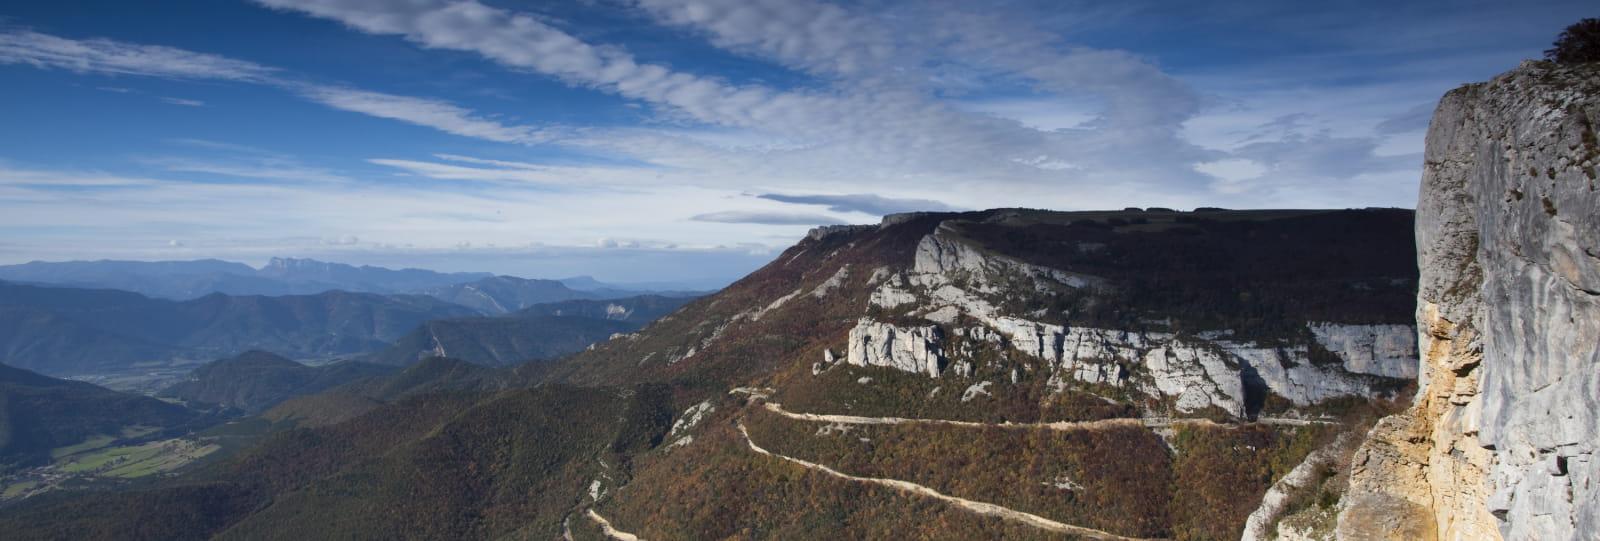 Route et belvédère du Col de Rousset